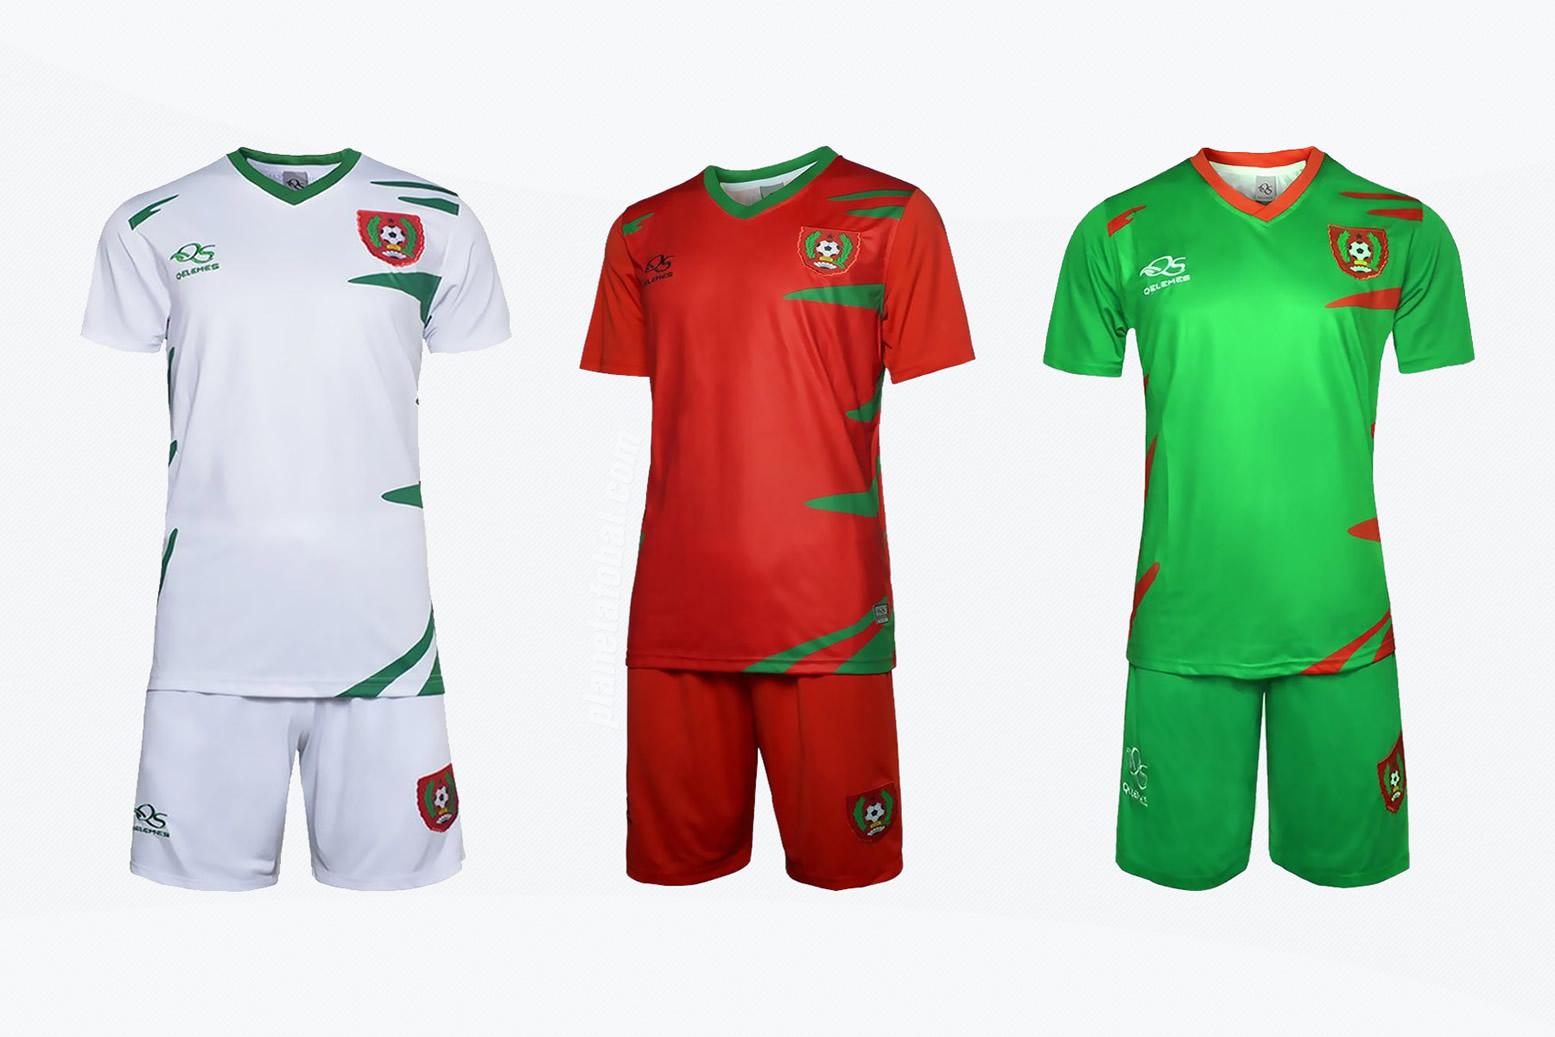 Camisetas de Guinea-Bisáu | Imágenes Qelemes